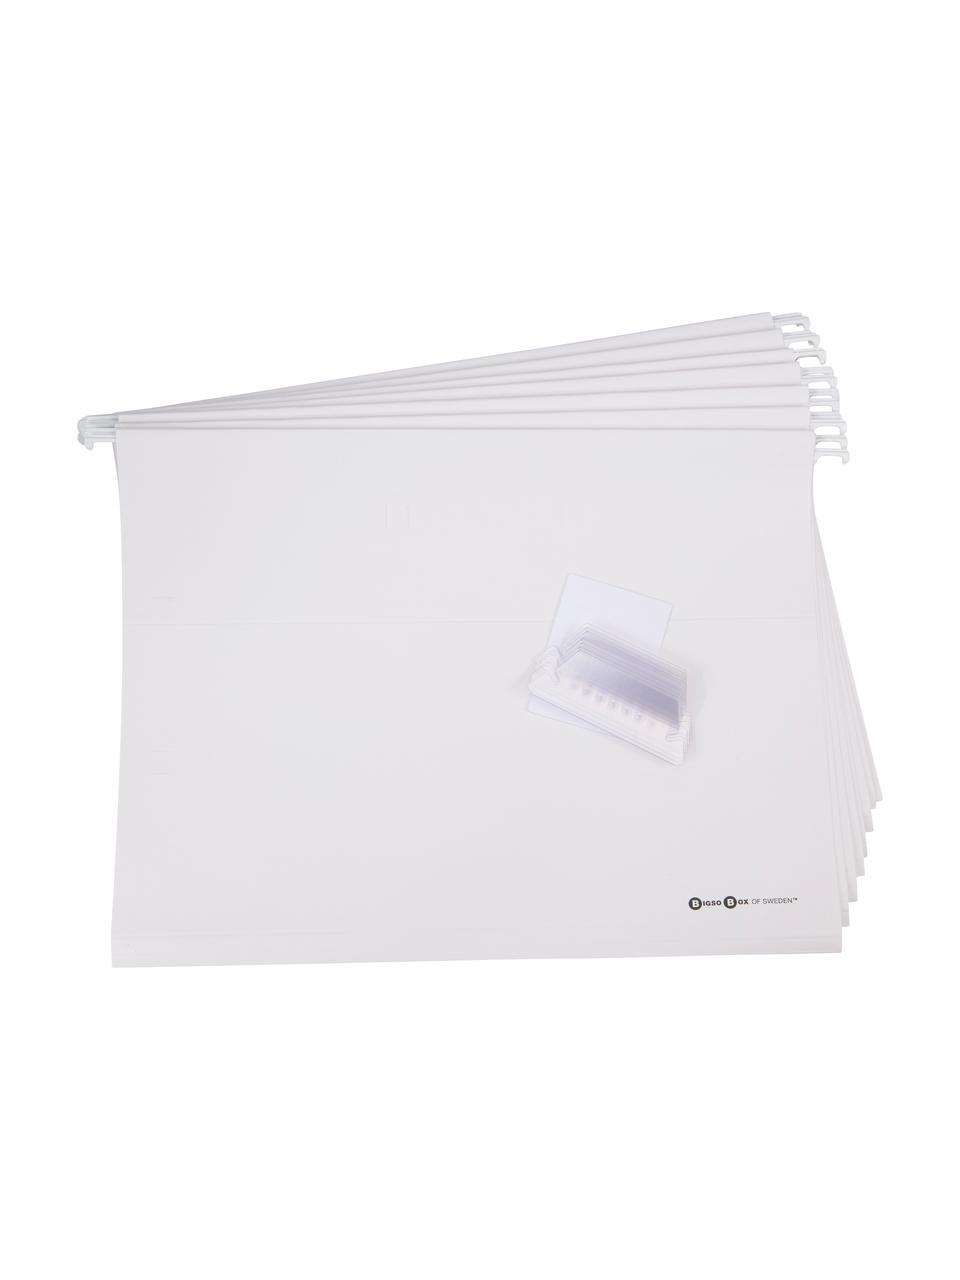 Scatola-archivio documenti Johan 9 pz, Organizzatore esterno: grigio chiaro Organizzatore interno: bianco, Larg. 19 x Alt. 27 cm